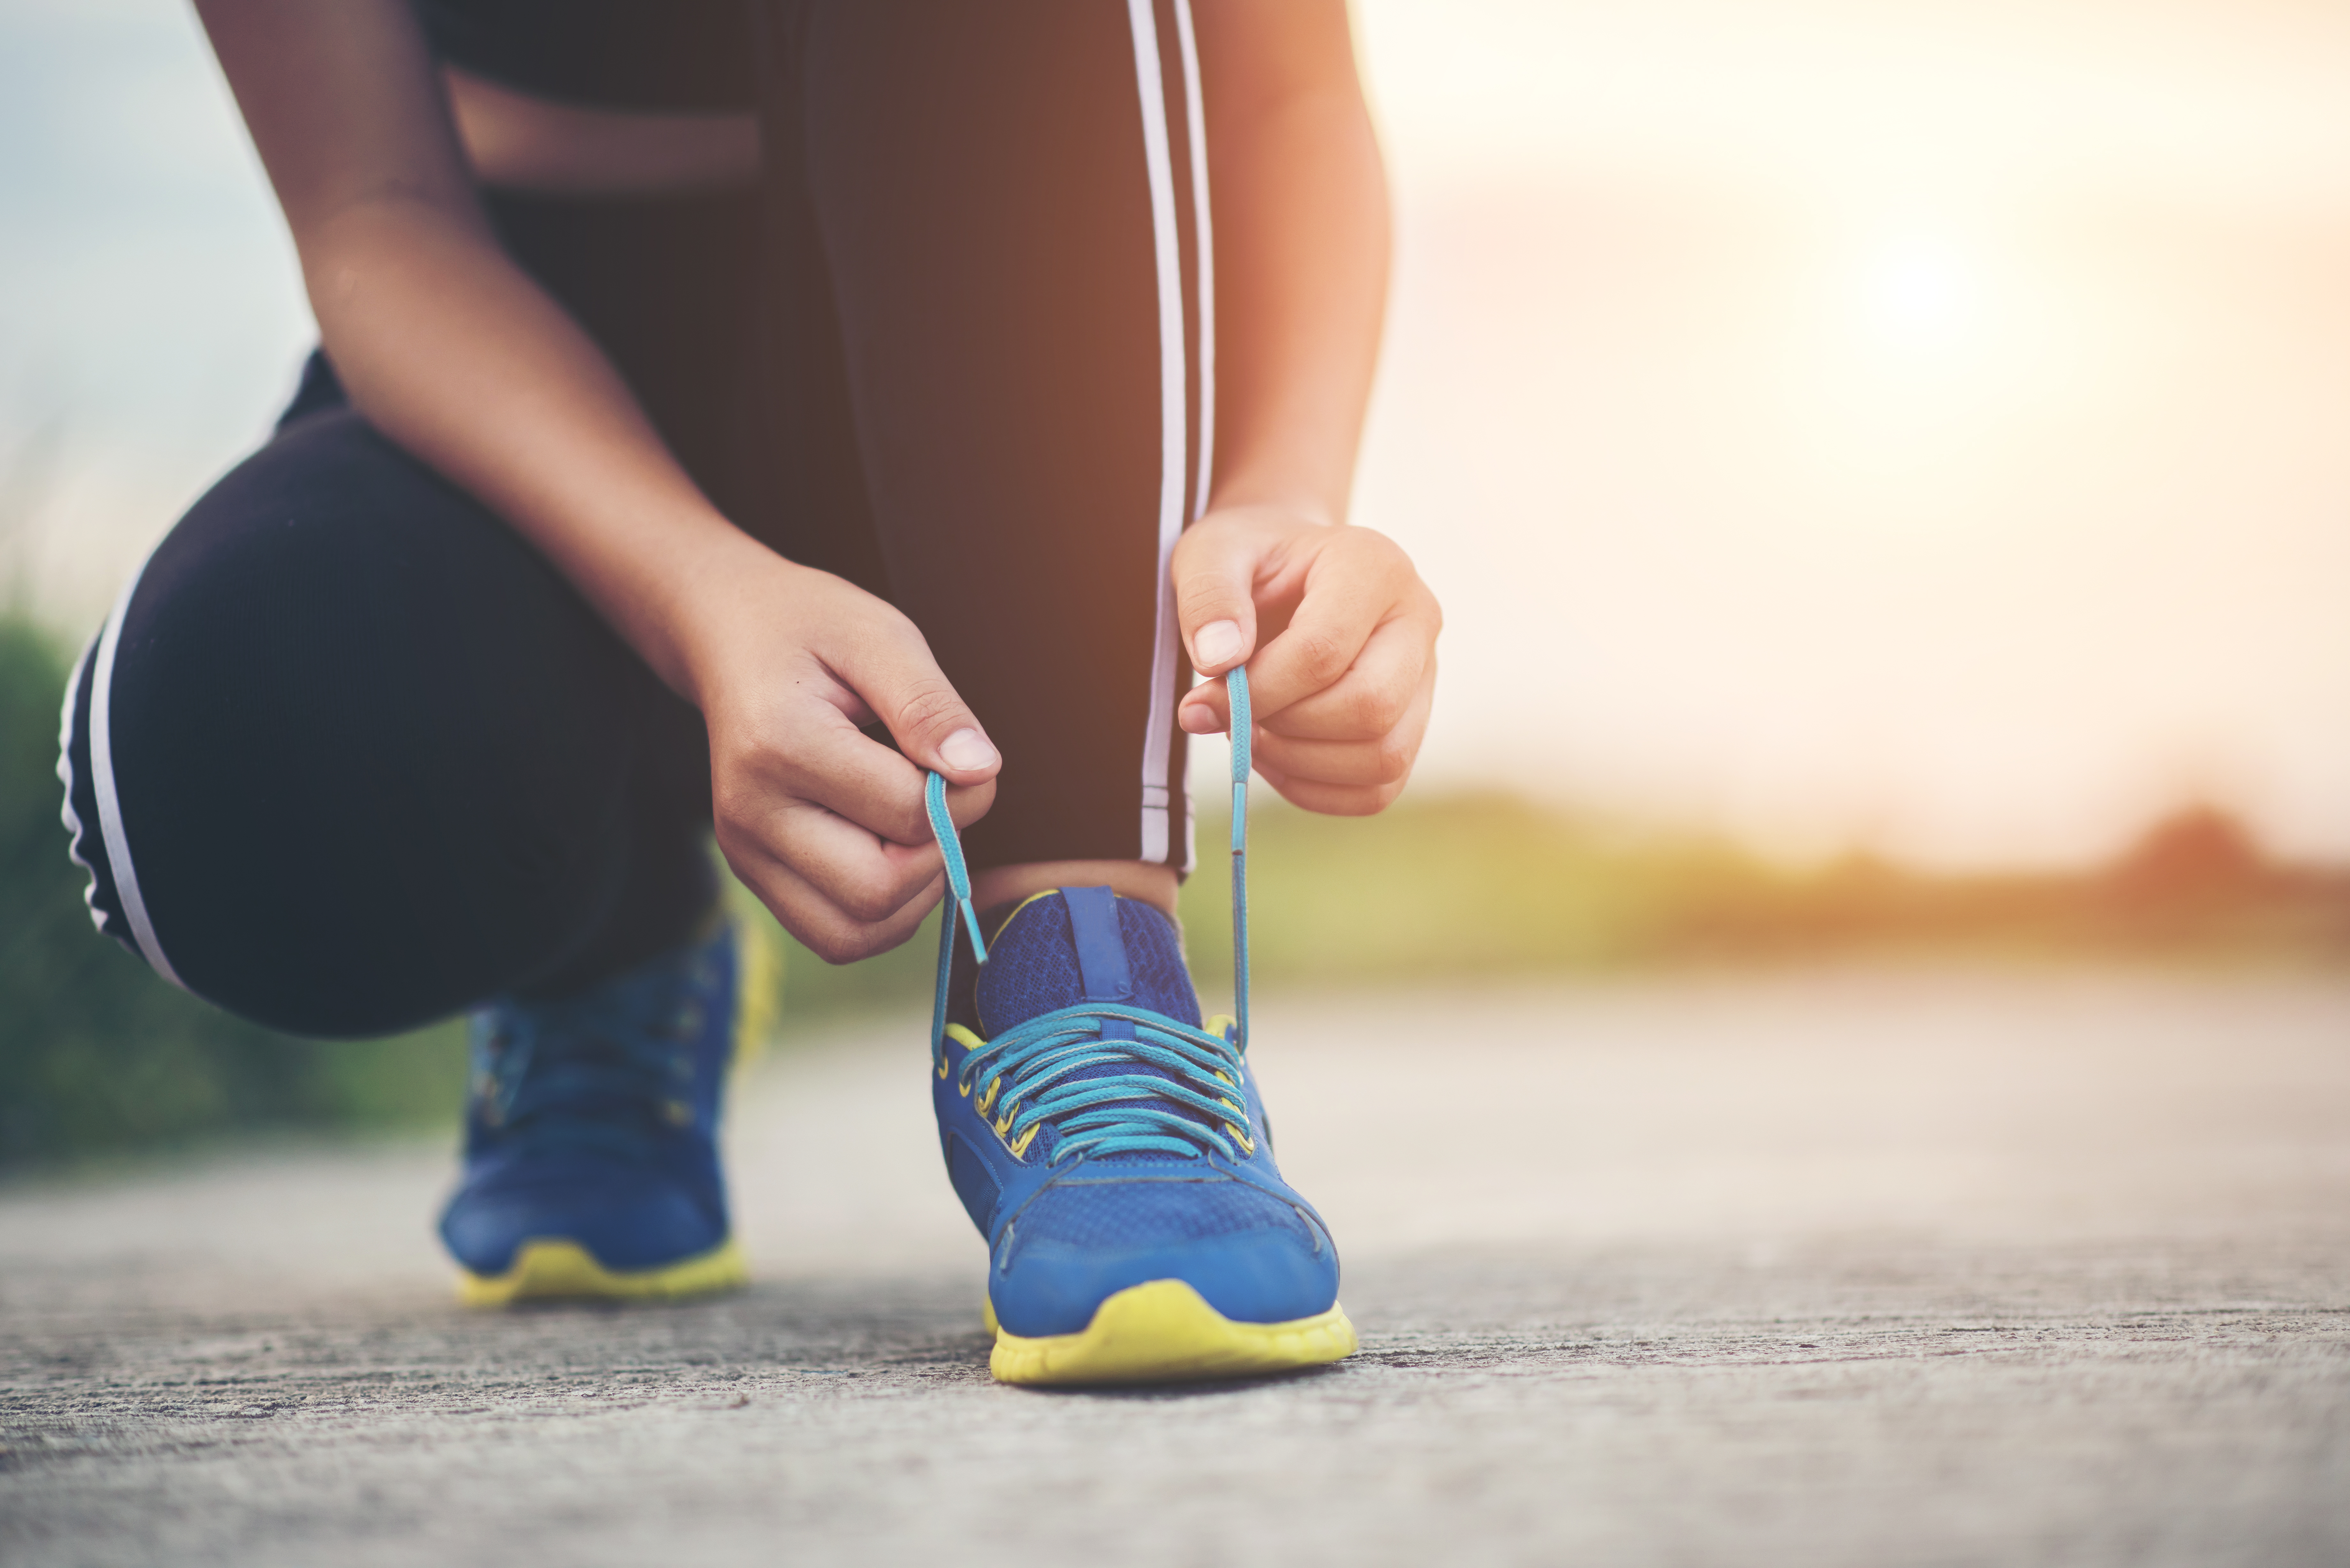 Retoma tu actividad física